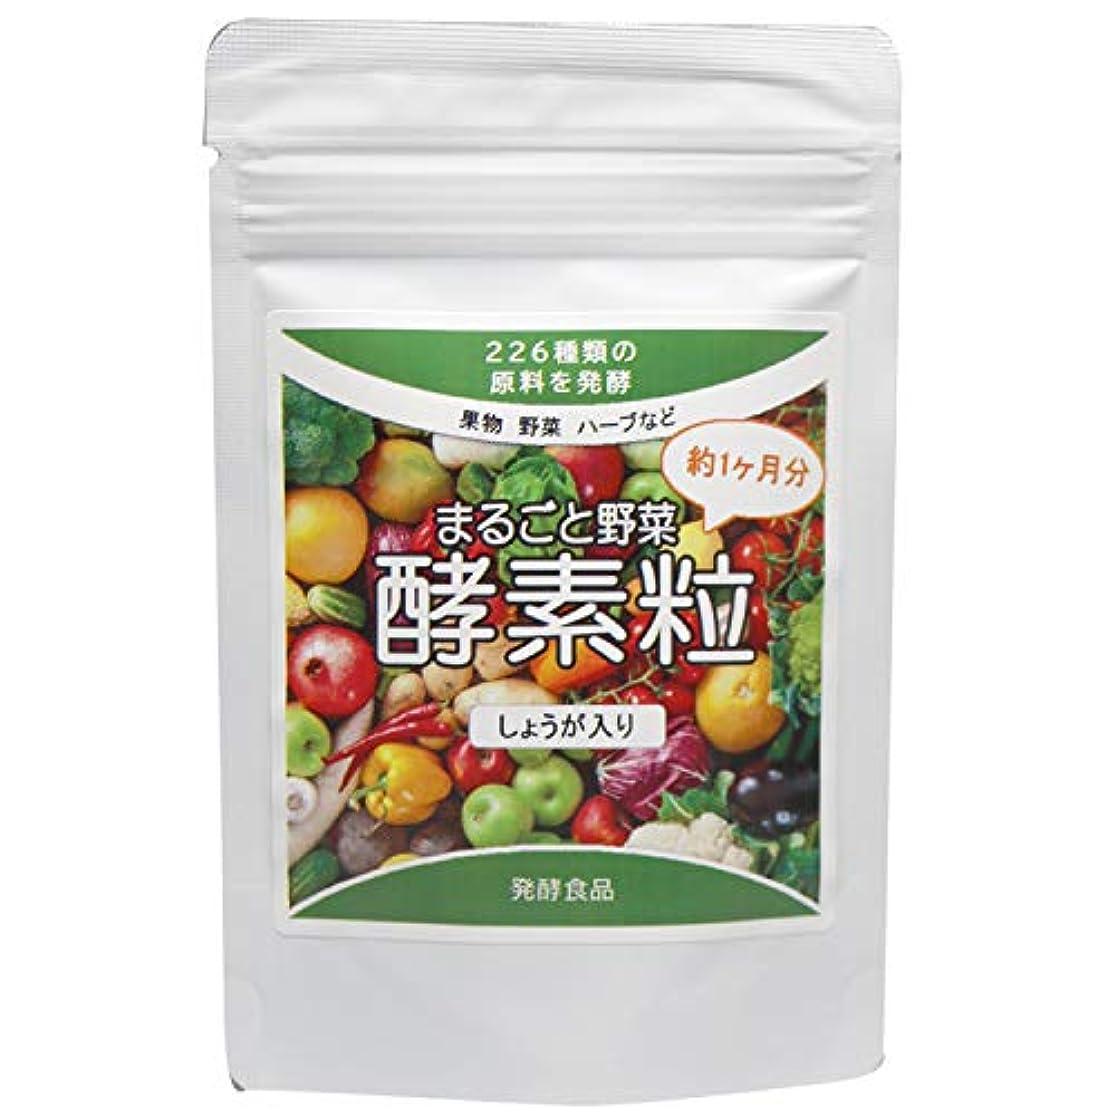 こねる強い白いまるごと野菜酵素粒 226種類の野菜発酵(しょうが入り) 約4ヶ月分 (440mg×120粒)